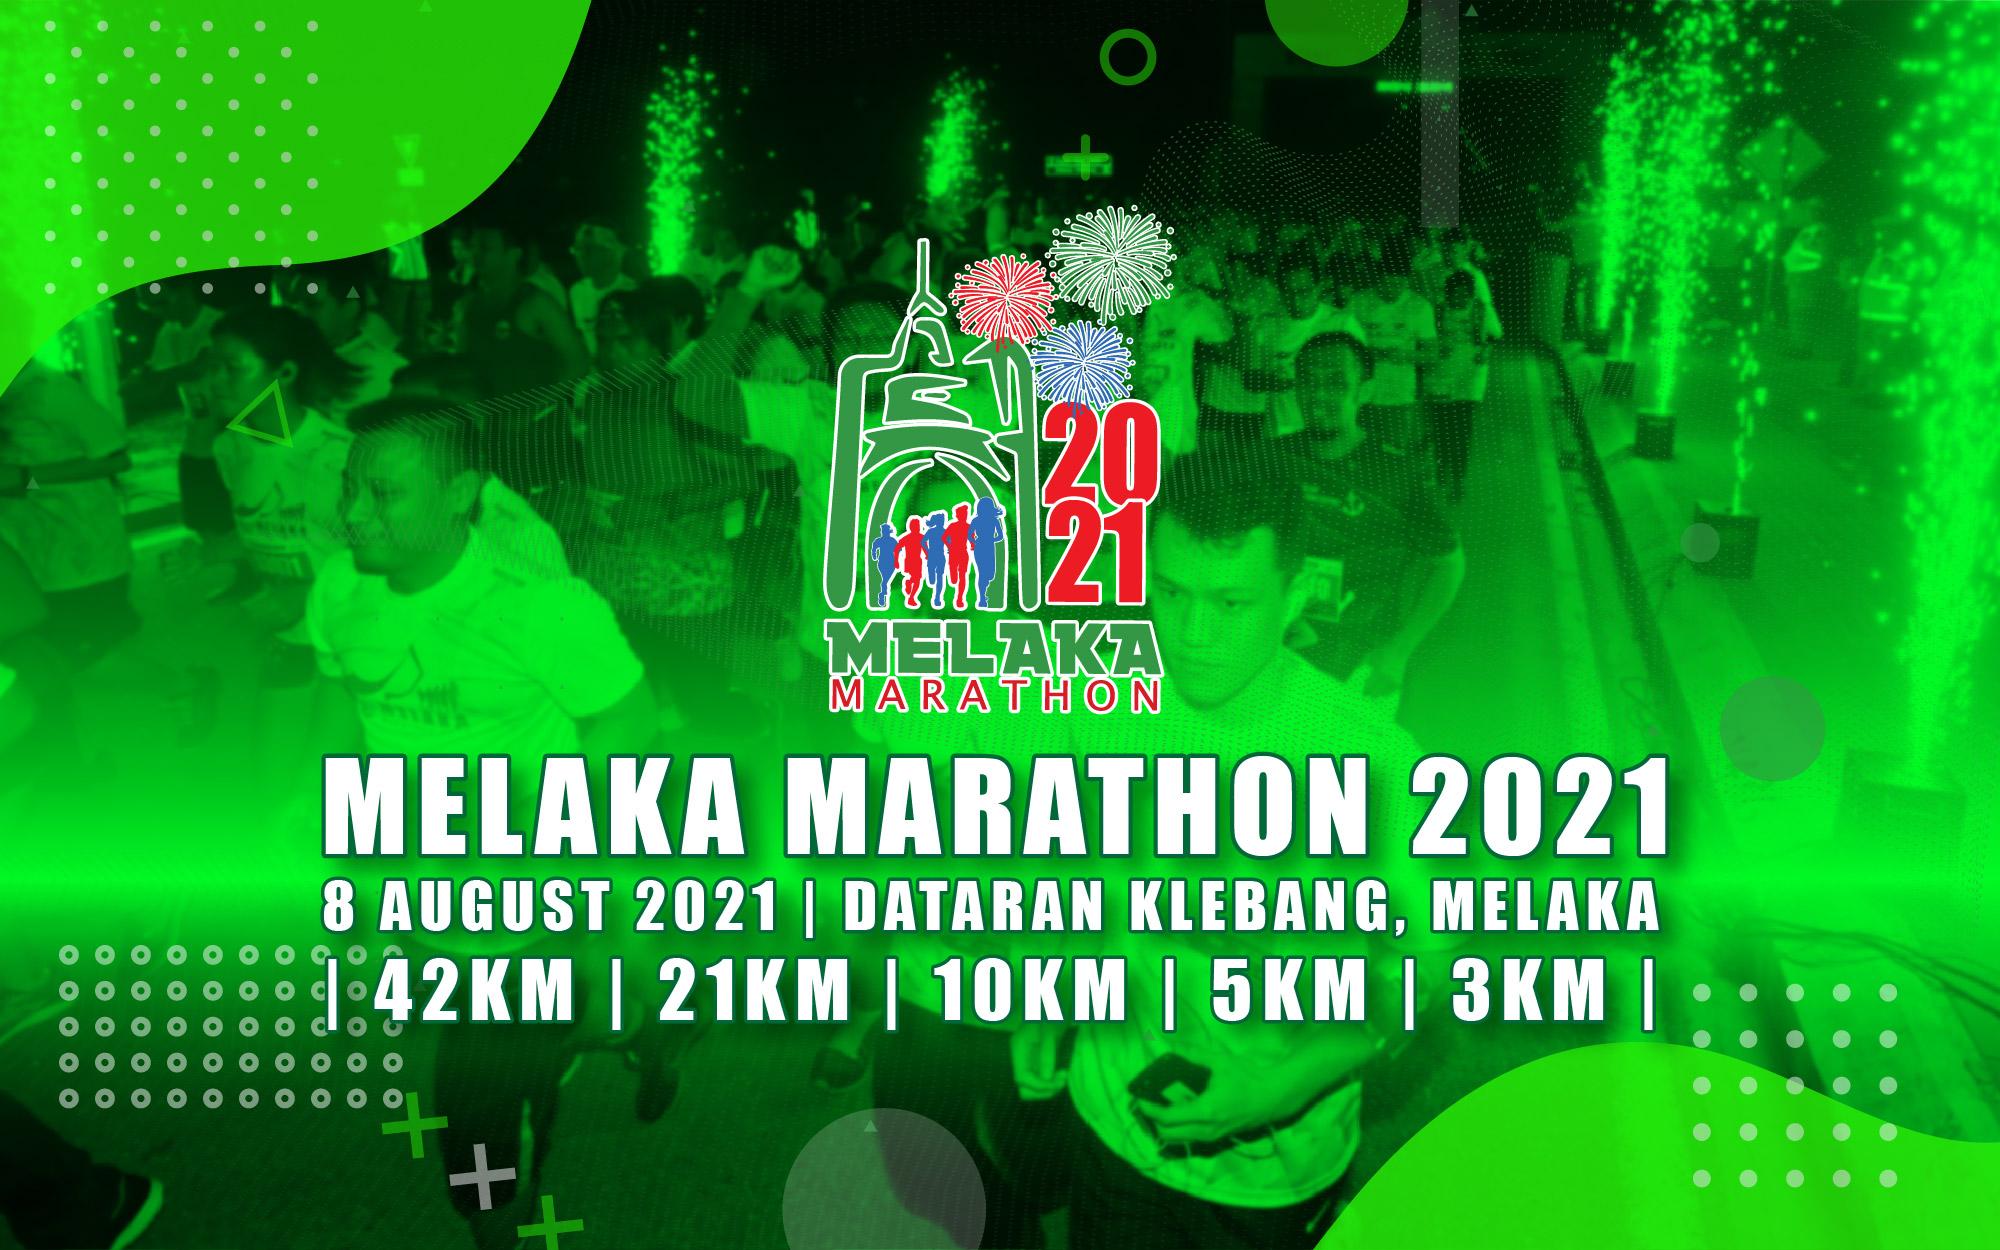 MELAKA MARATHON 2021